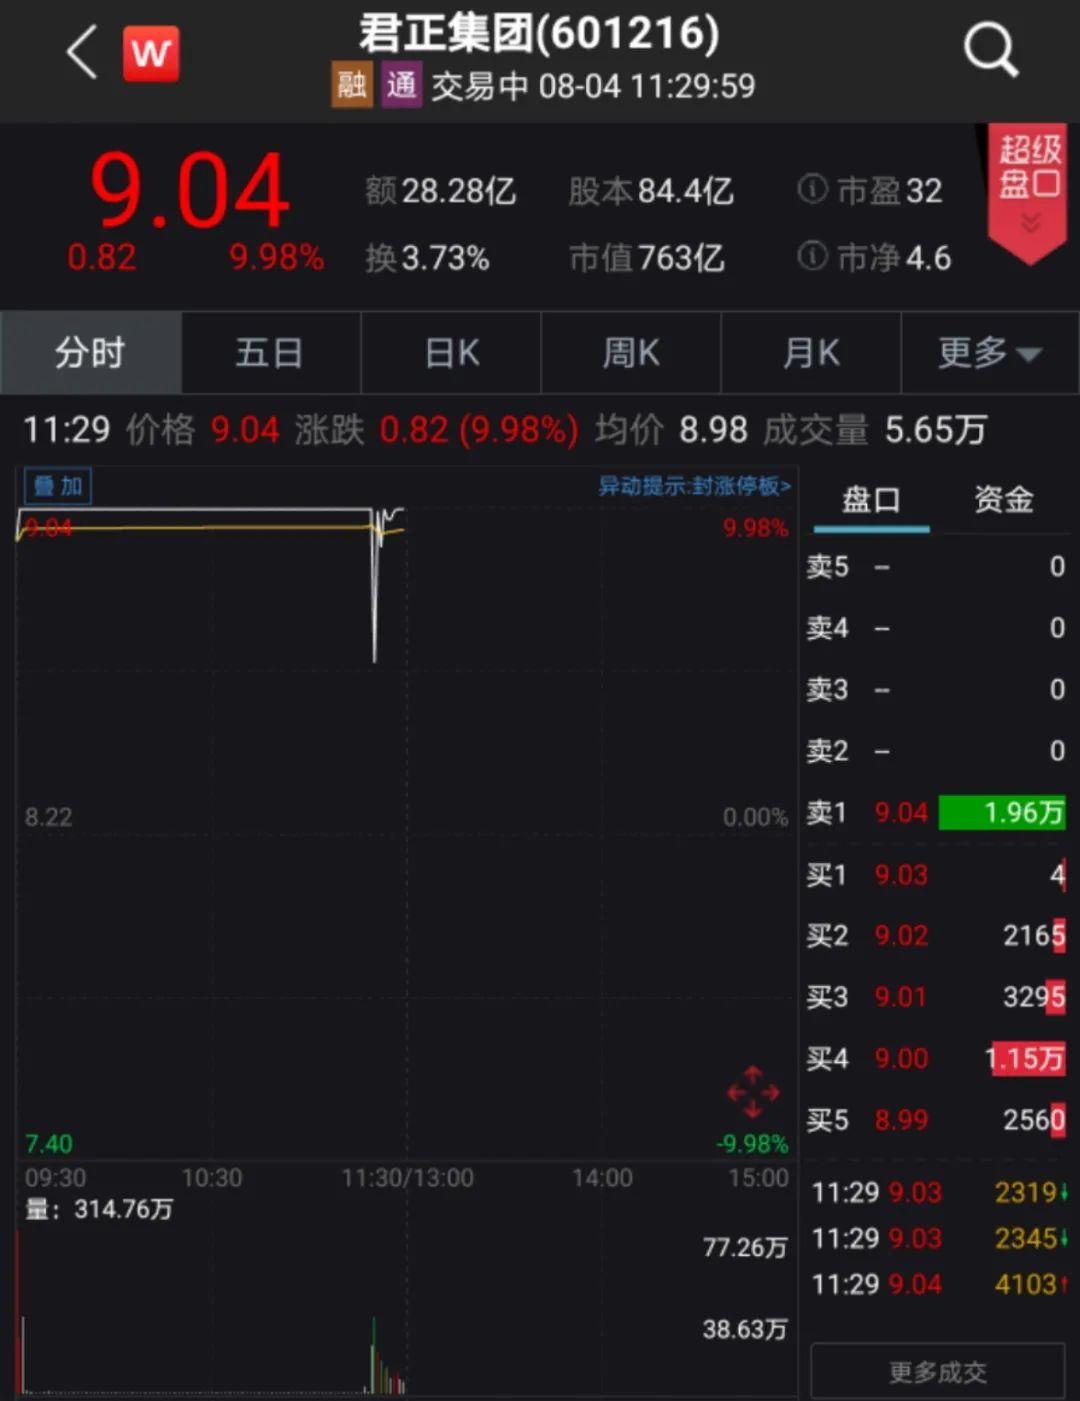 突然爆发!11天狂拉10涨停,市值暴增480亿!这只大牛股发生了什么?